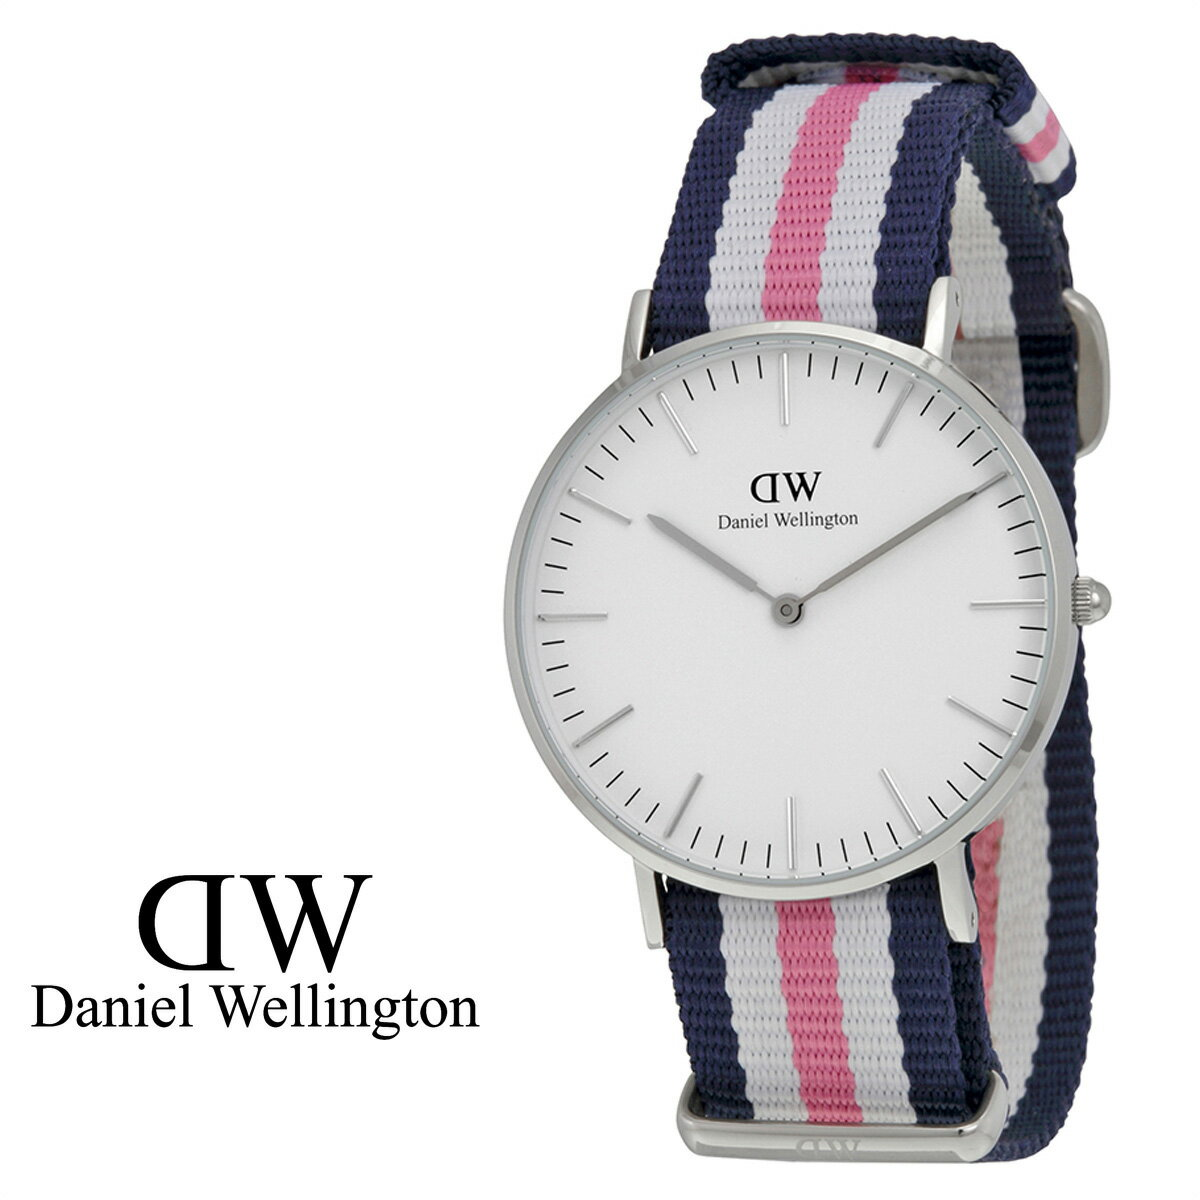 Daniel Wellington ダニエルウェリントン 36mm 腕時計 レディース  CLASSIC SOUTHAMPTON LADY  シルバー NATO  送料無料  ダニエル ウェリントン Daniel Wellington 腕時計 36ミリ 正規  通販